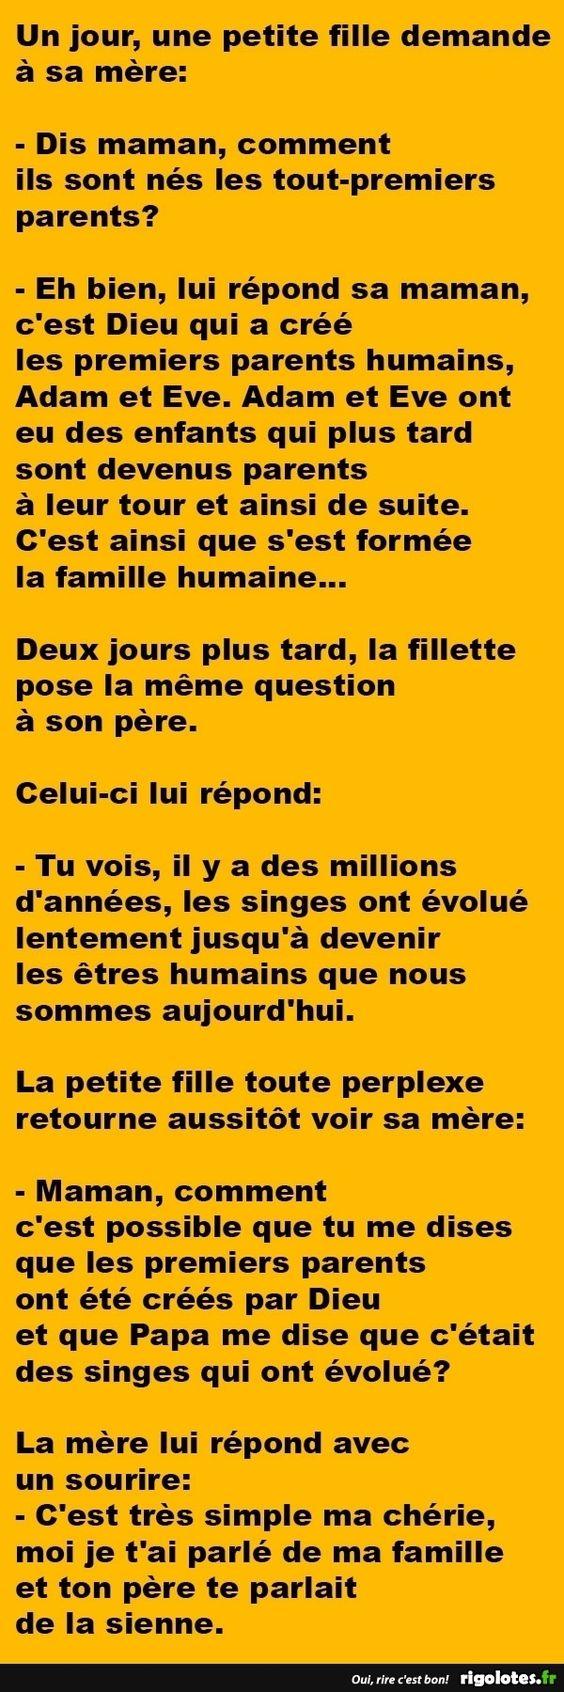 Les Petites Blagounettes bien Gentilles - Page 25 691fd8321981aa61502ffd86d5233609